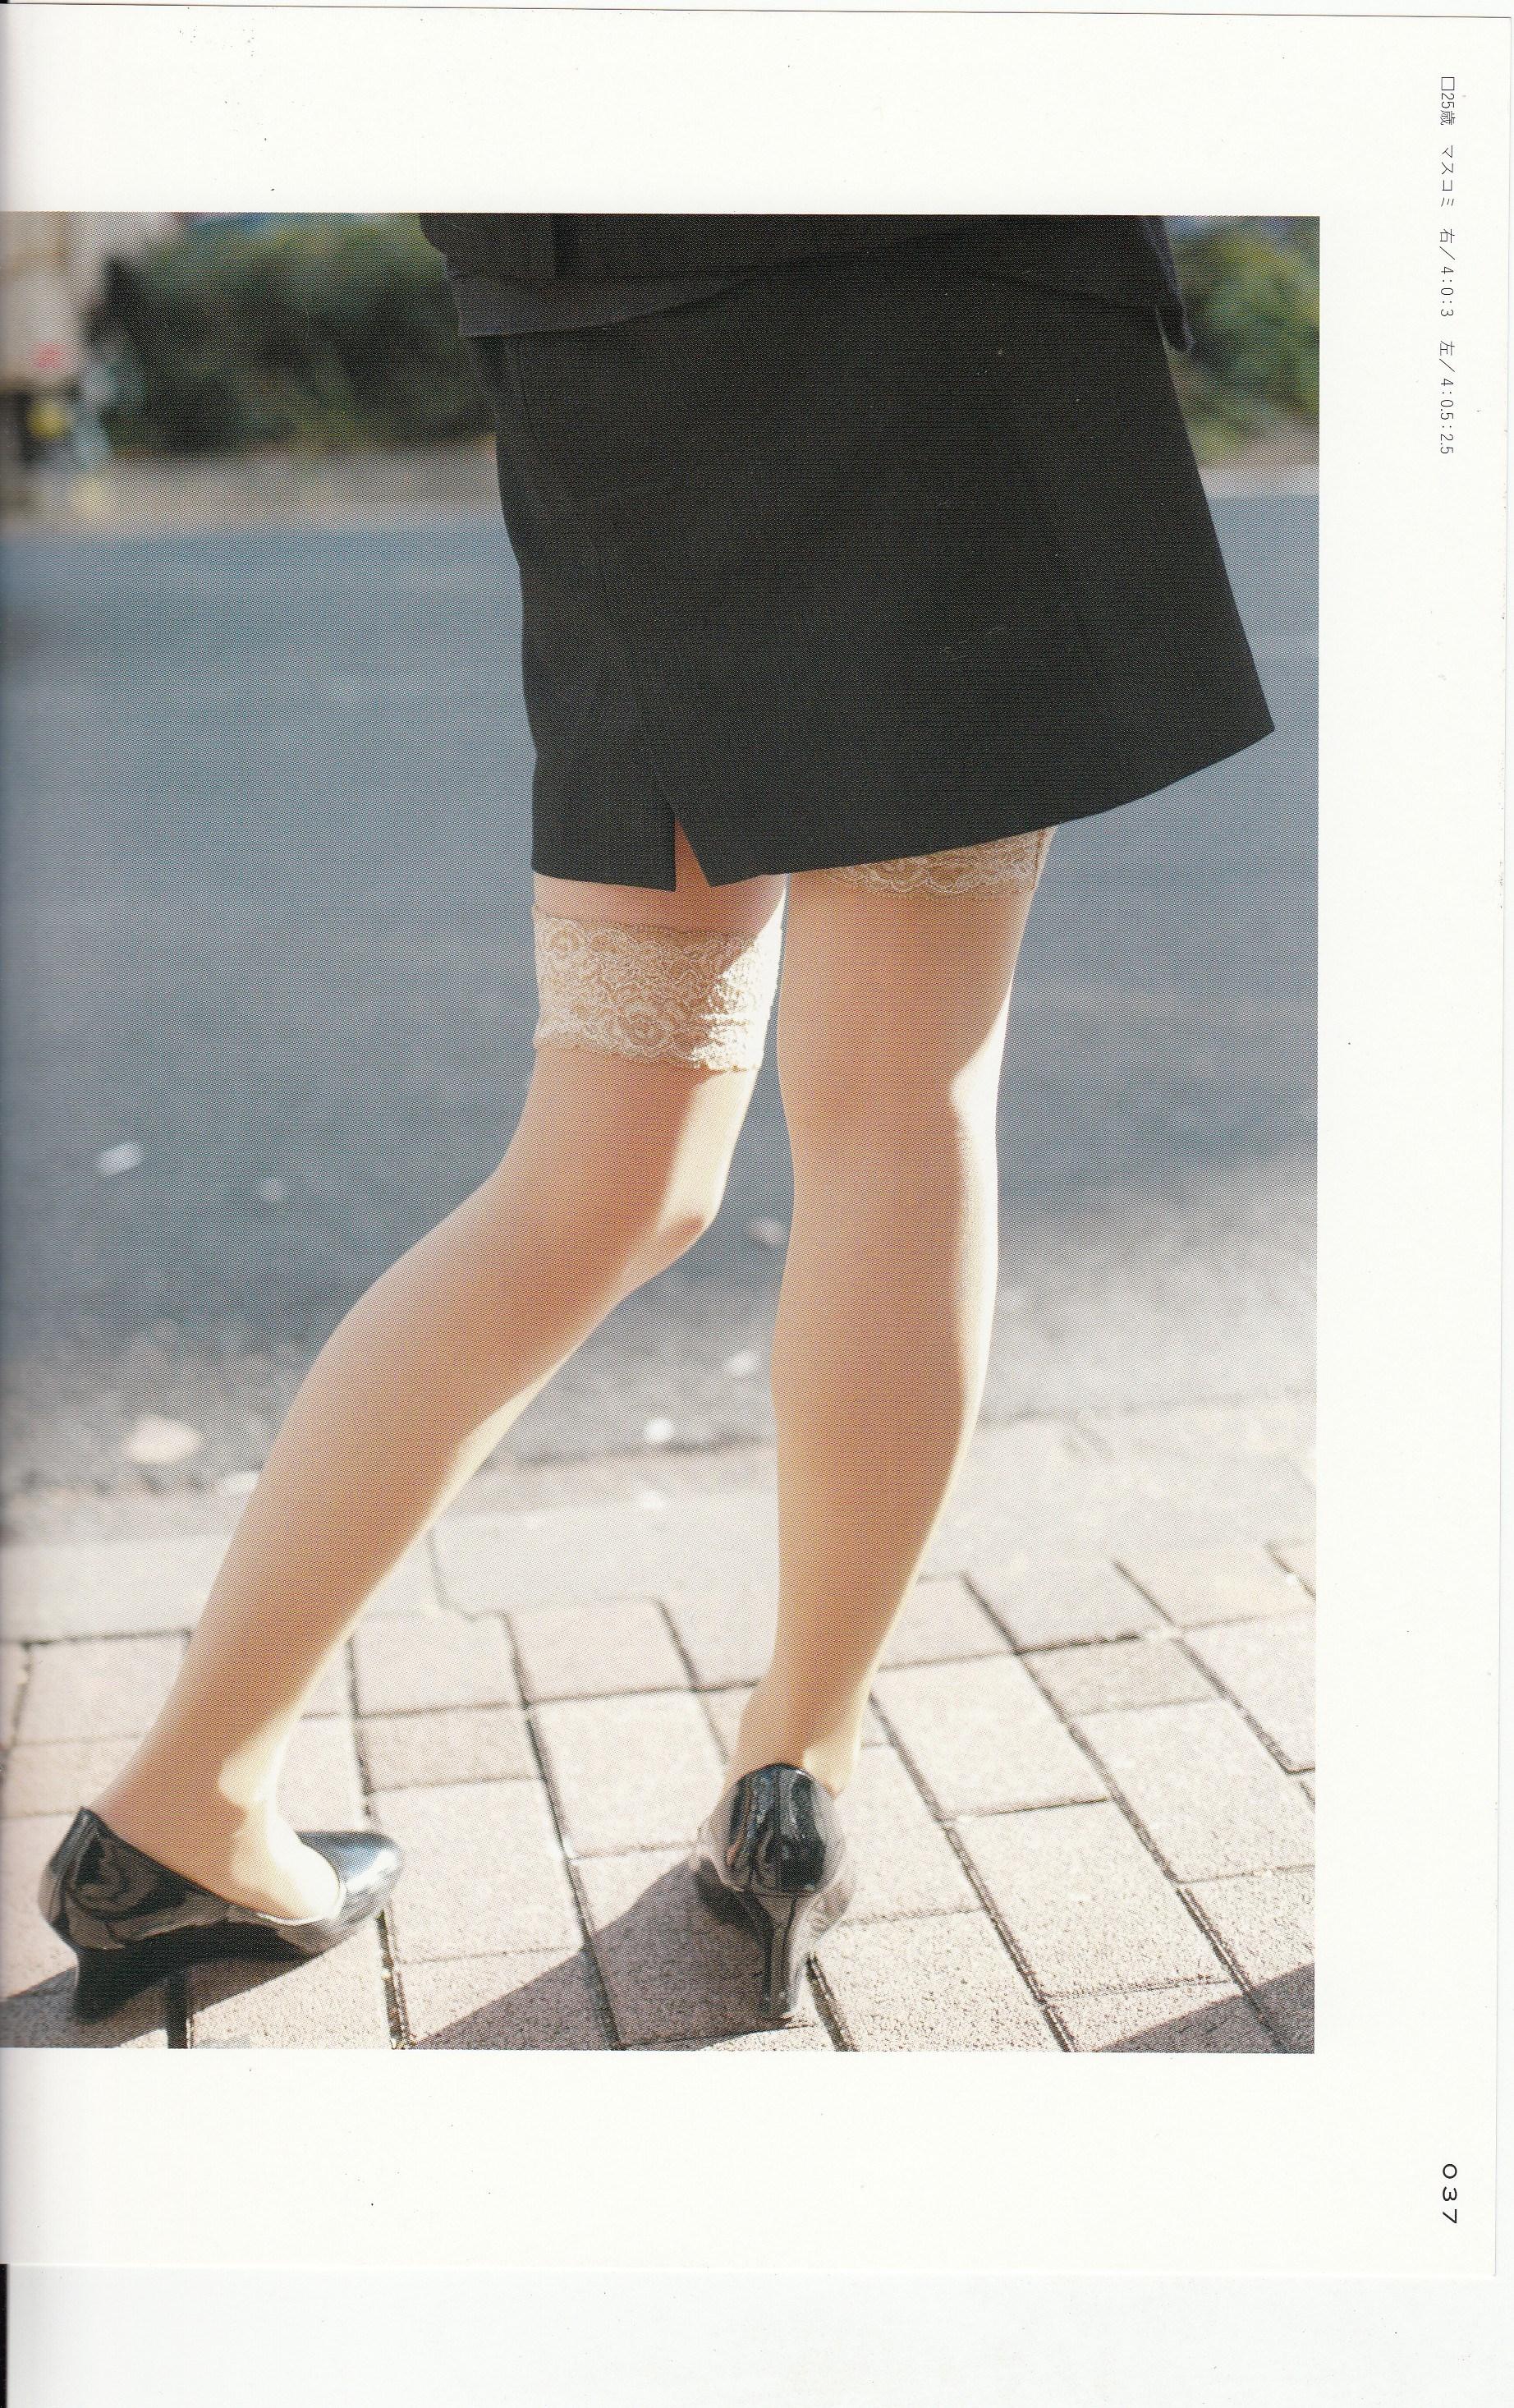 【兔玩映画】新鲜的美少女大腿 兔玩映画 第26张